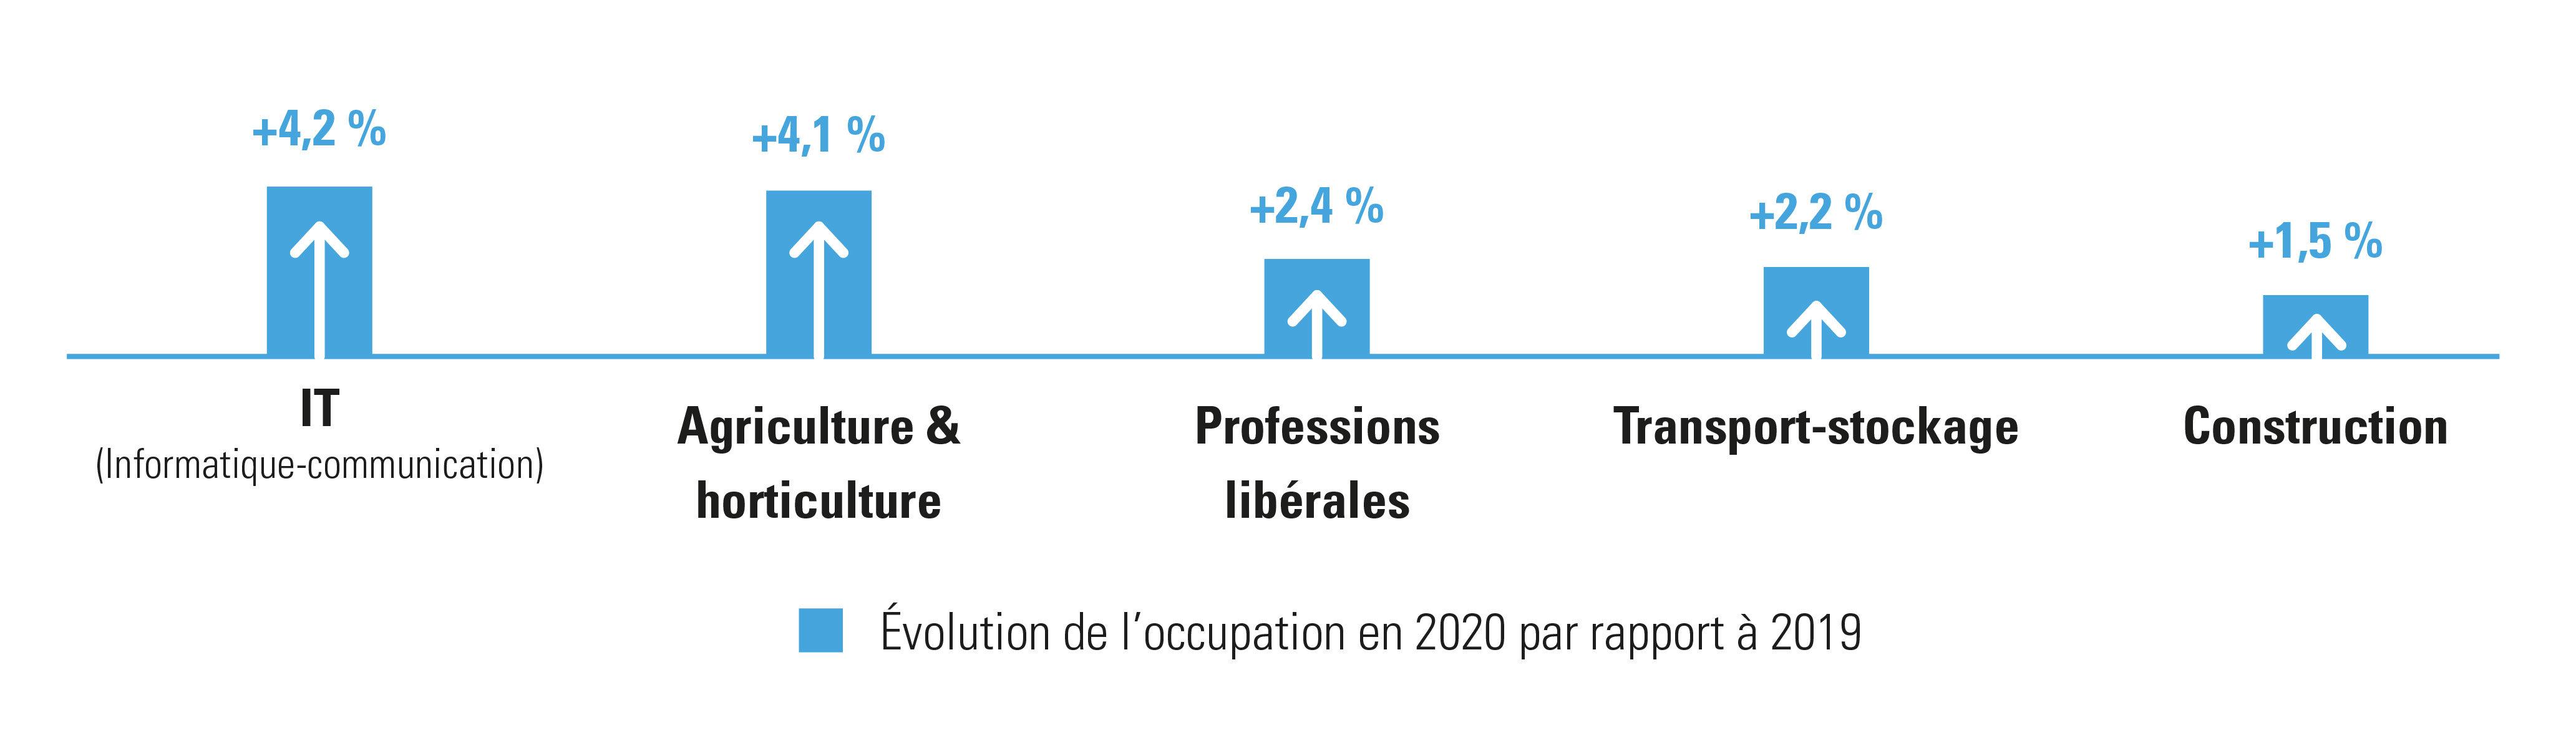 Secteurs qui ont enregistré la plus forte croissance en 2020 en matière de personnel occupé